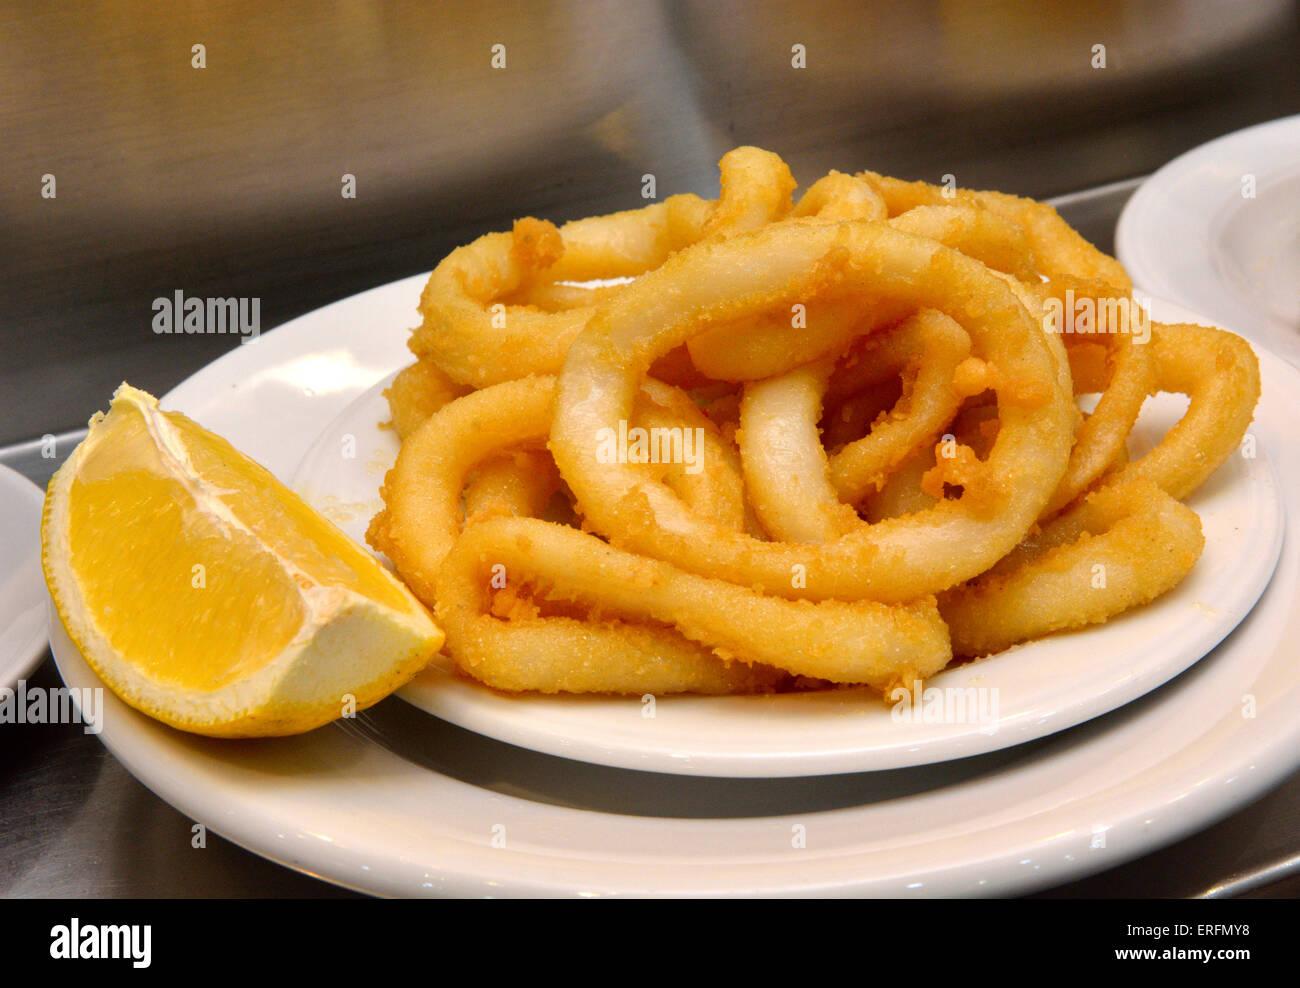 Plate of calamari with lemon - Stock Image